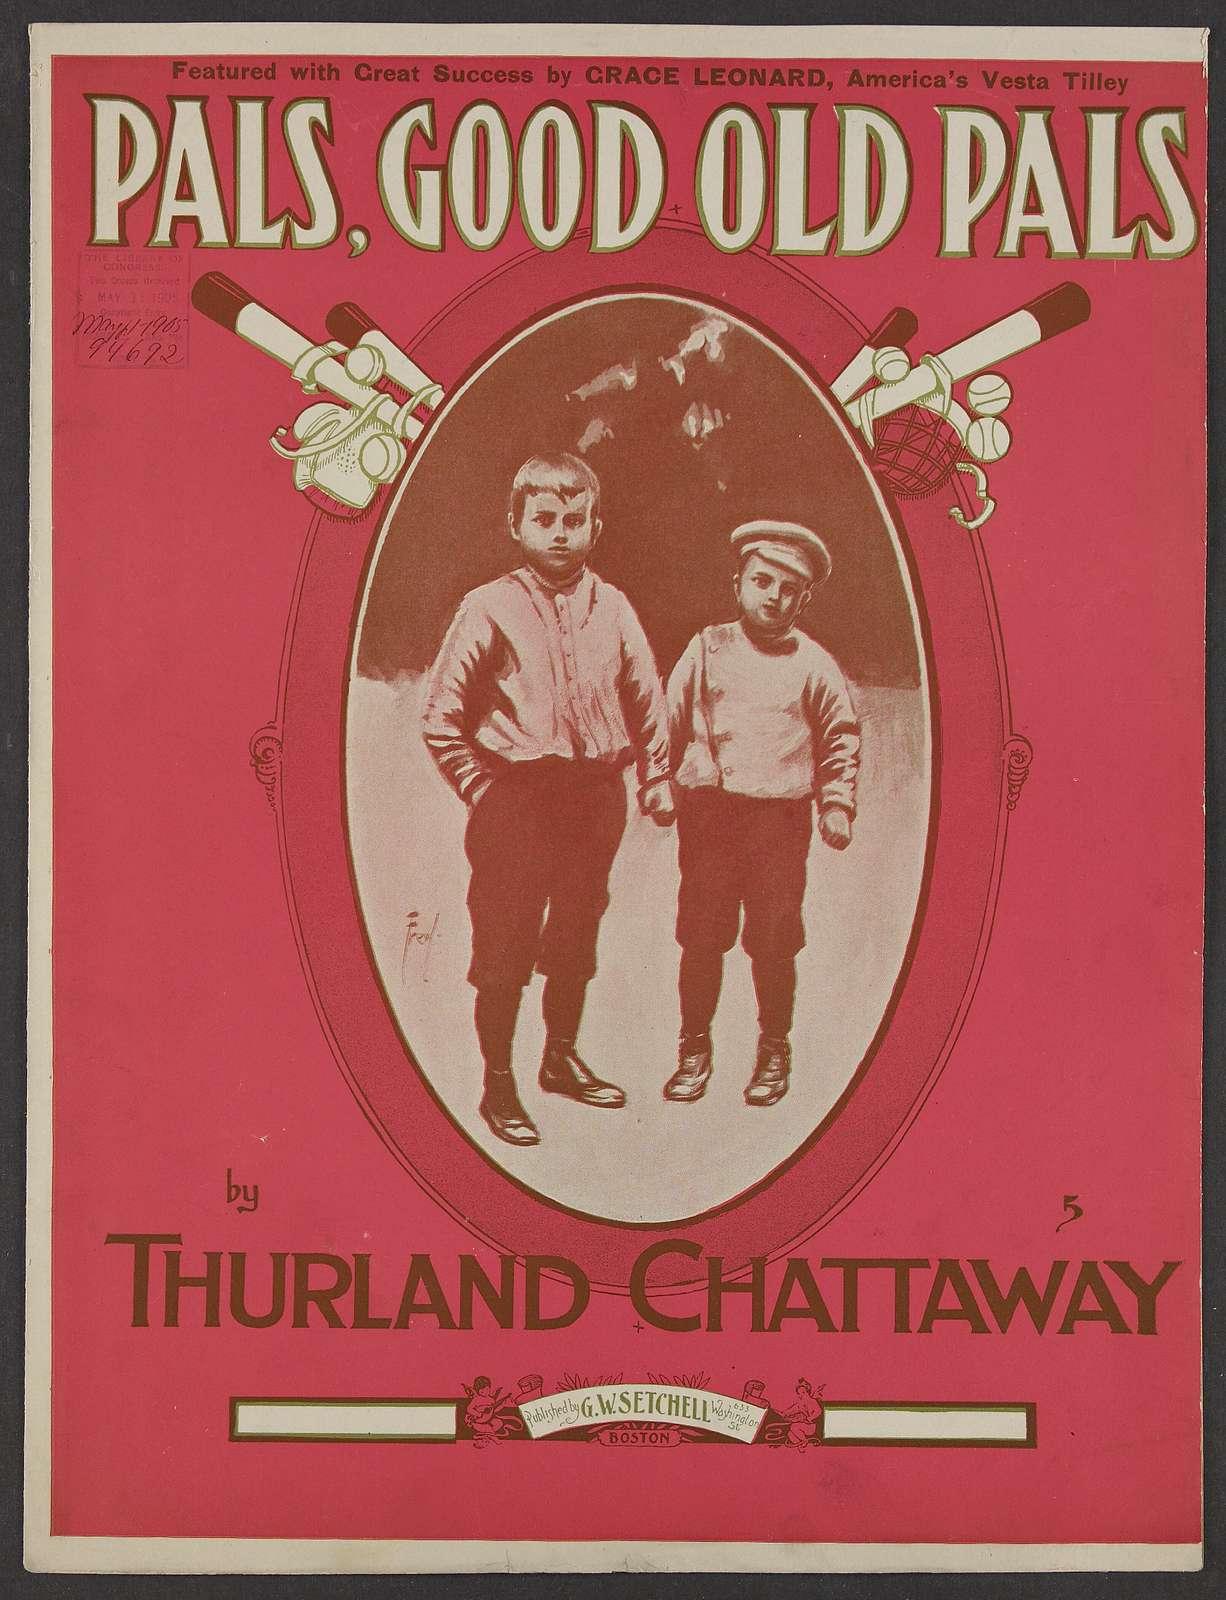 Pals, good old pals